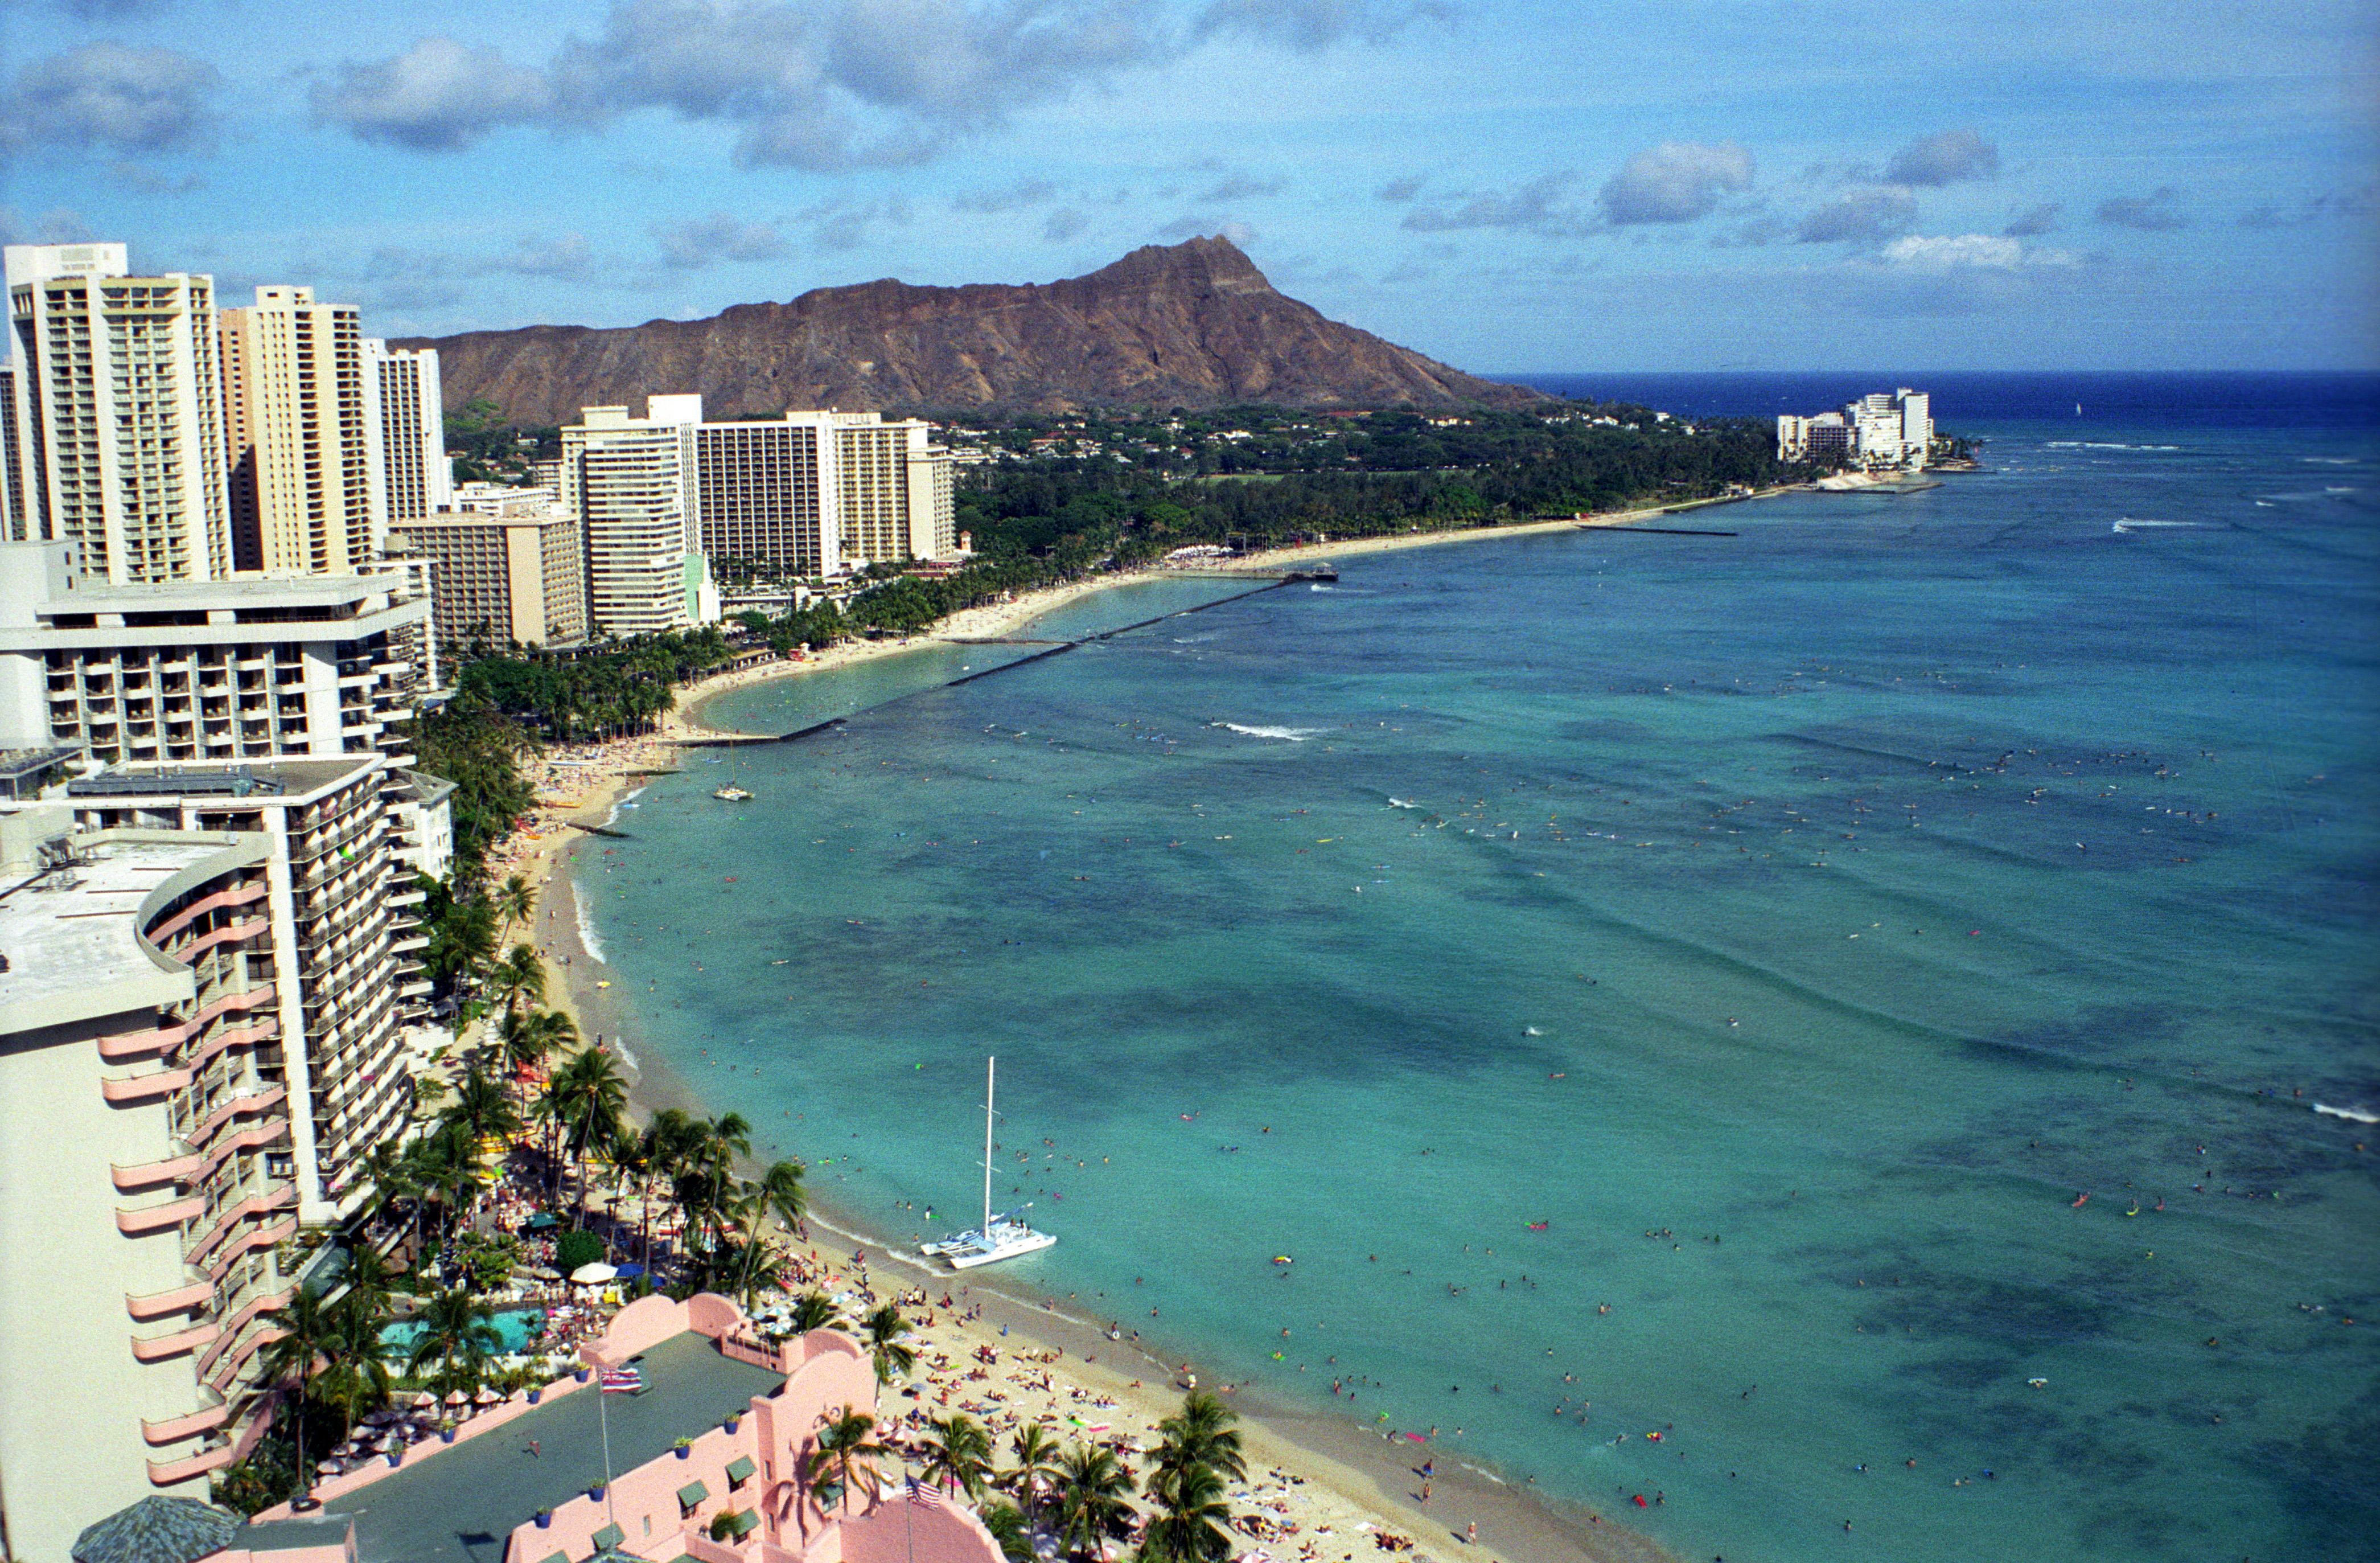 Waikiki Beach Wallpaper Hd: 4181x2745px Waikiki Beach Wallpaper